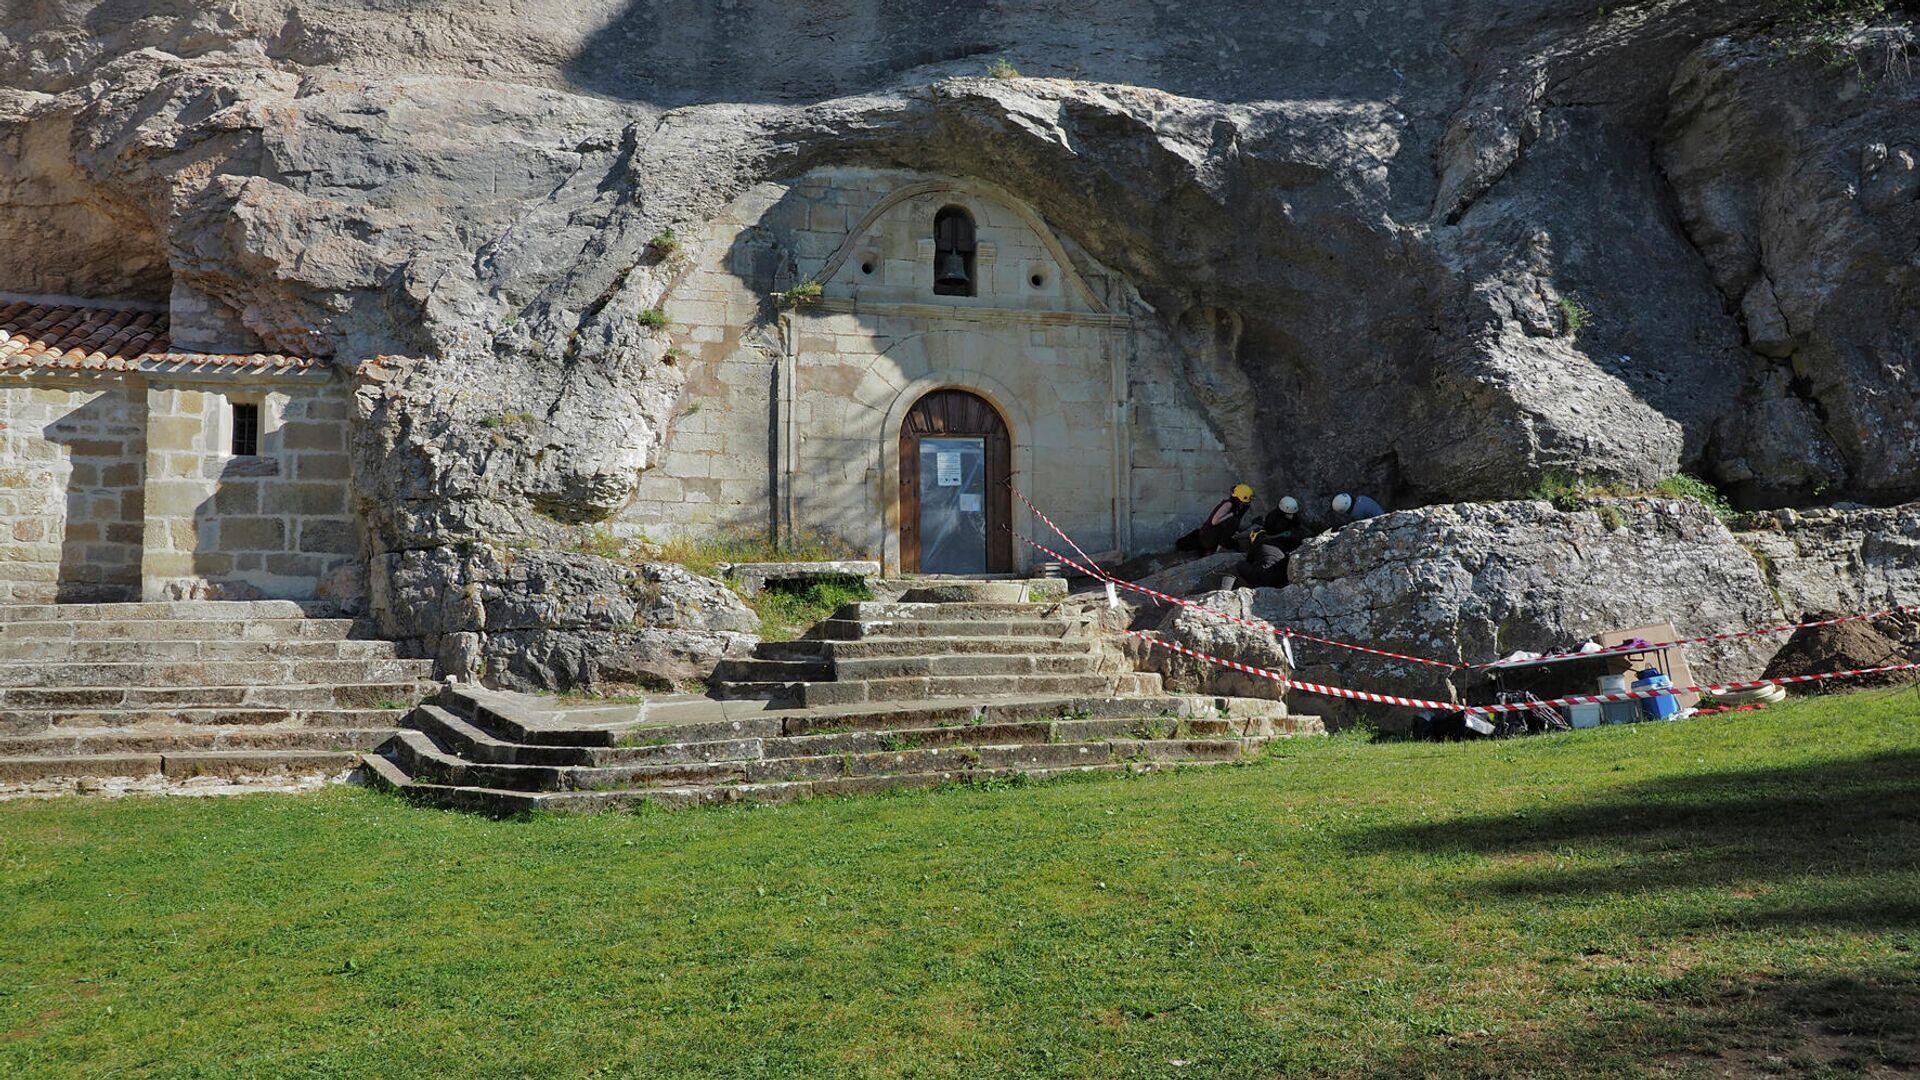 Pórtico de la ermita de San Tirso y San Bernabé (Burgos) - Sputnik Mundo, 1920, 25.09.2021